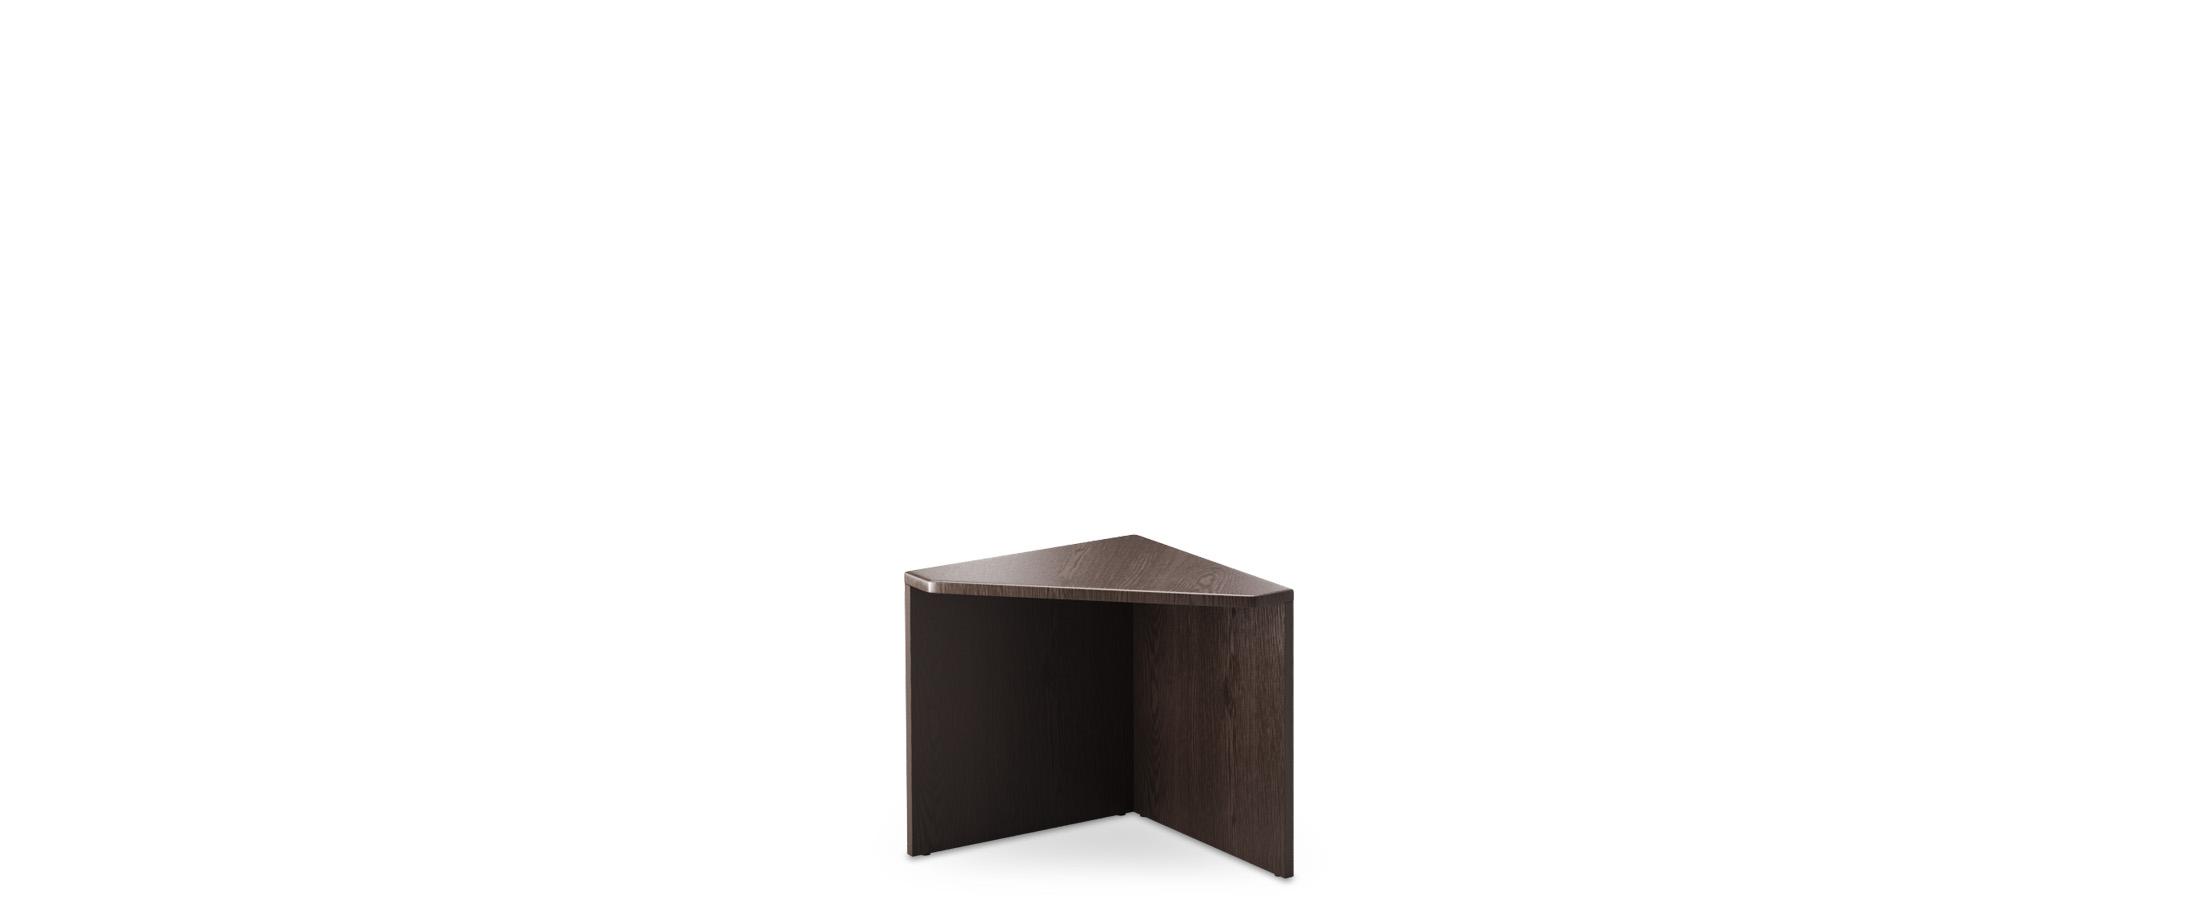 MOON 1015 #01Столики MOON 1015 - практичны, отличаются прочностью и удобны в эксплуатации. Эти предметы мебели выполняют функцию прикроватных столиков.